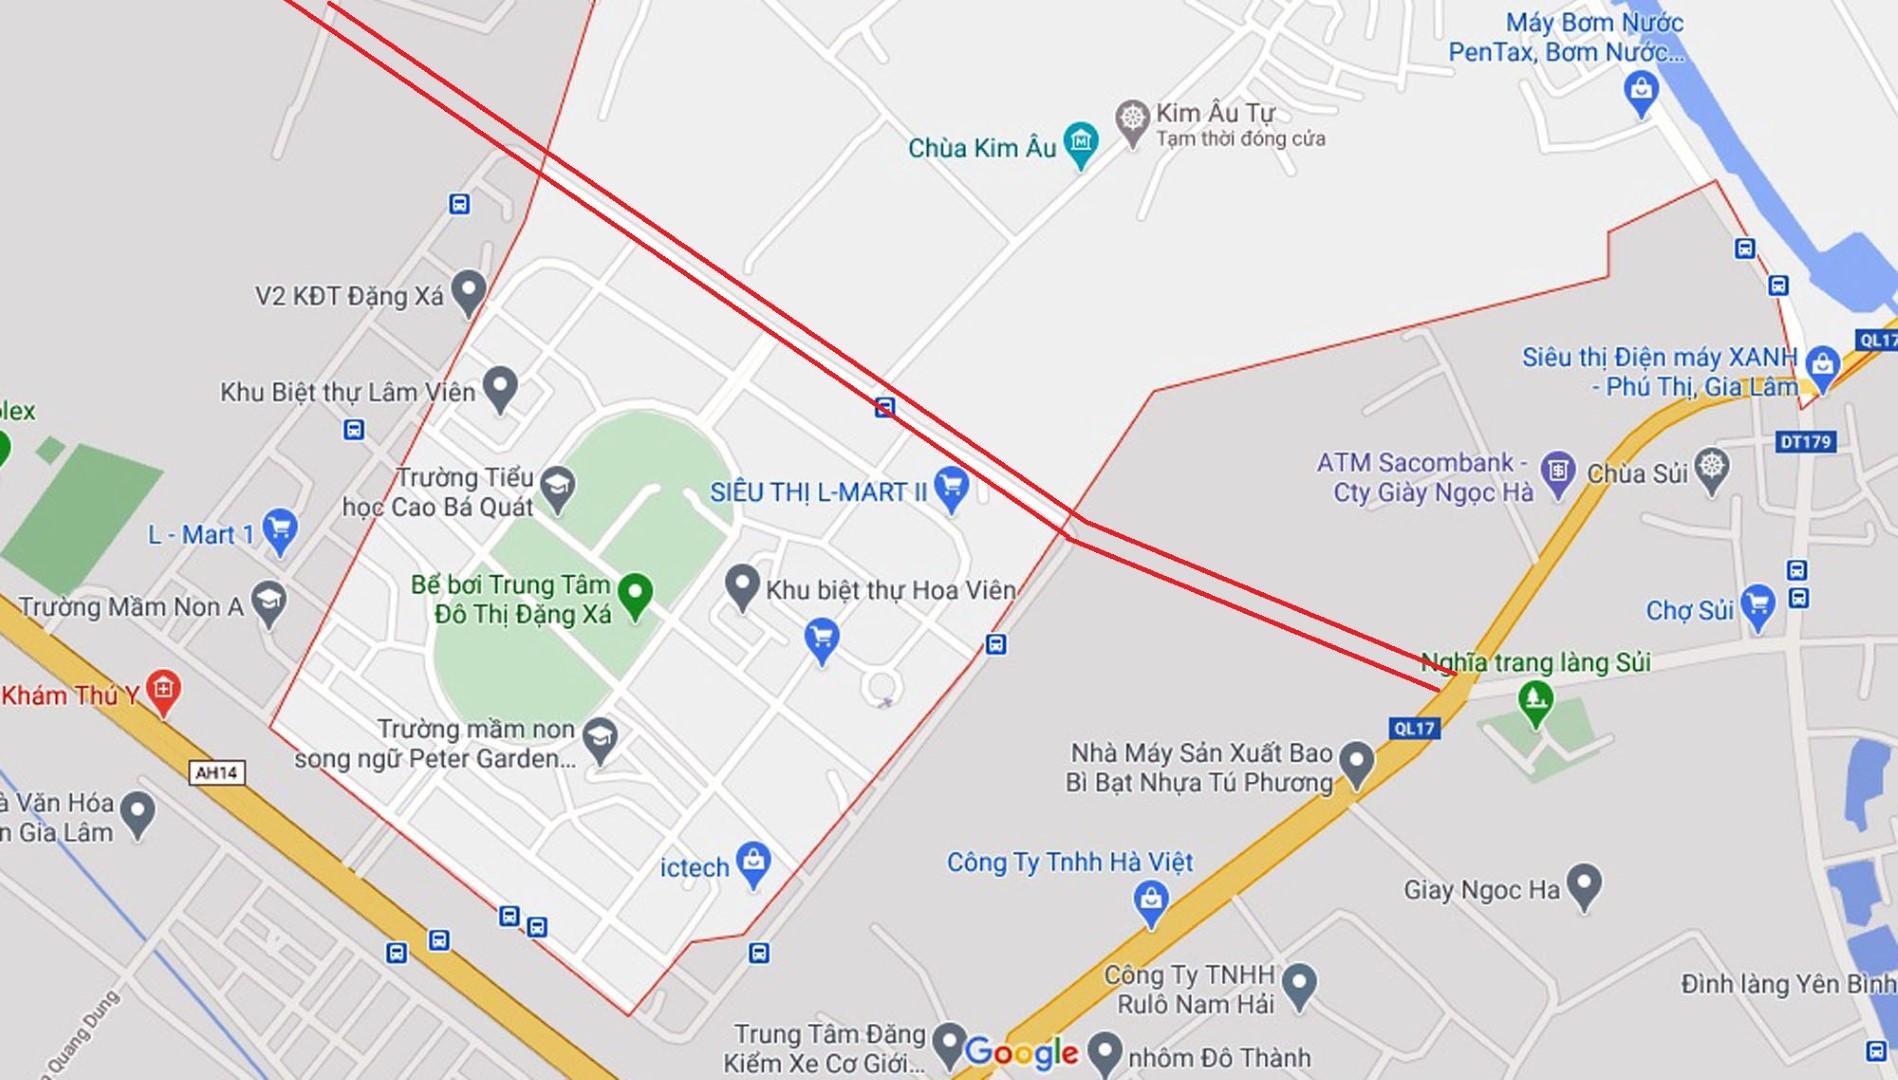 Sơ đồ tuyến đường từ QL1A qua KĐT Đặng Xá đến QL17. (Nguồn ảnh: Google).